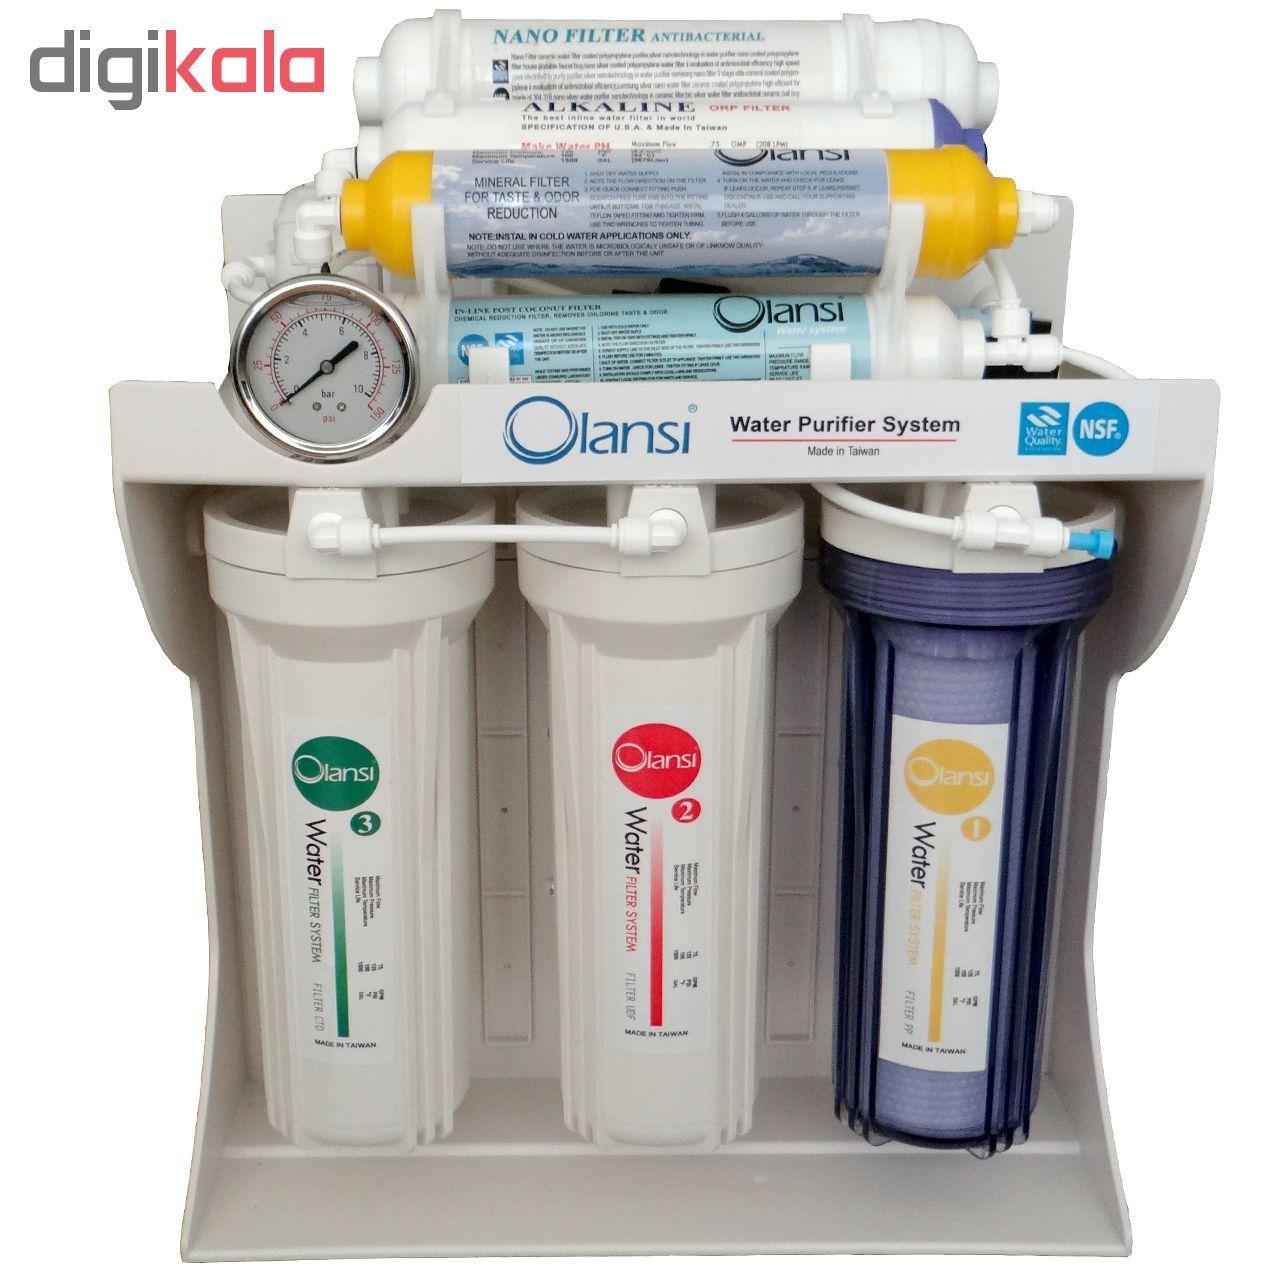 دستگاه تصفیه کننده آب اولانسی مدل RO-A930 به همراه فیلتر بسته 4 عددی main 1 3